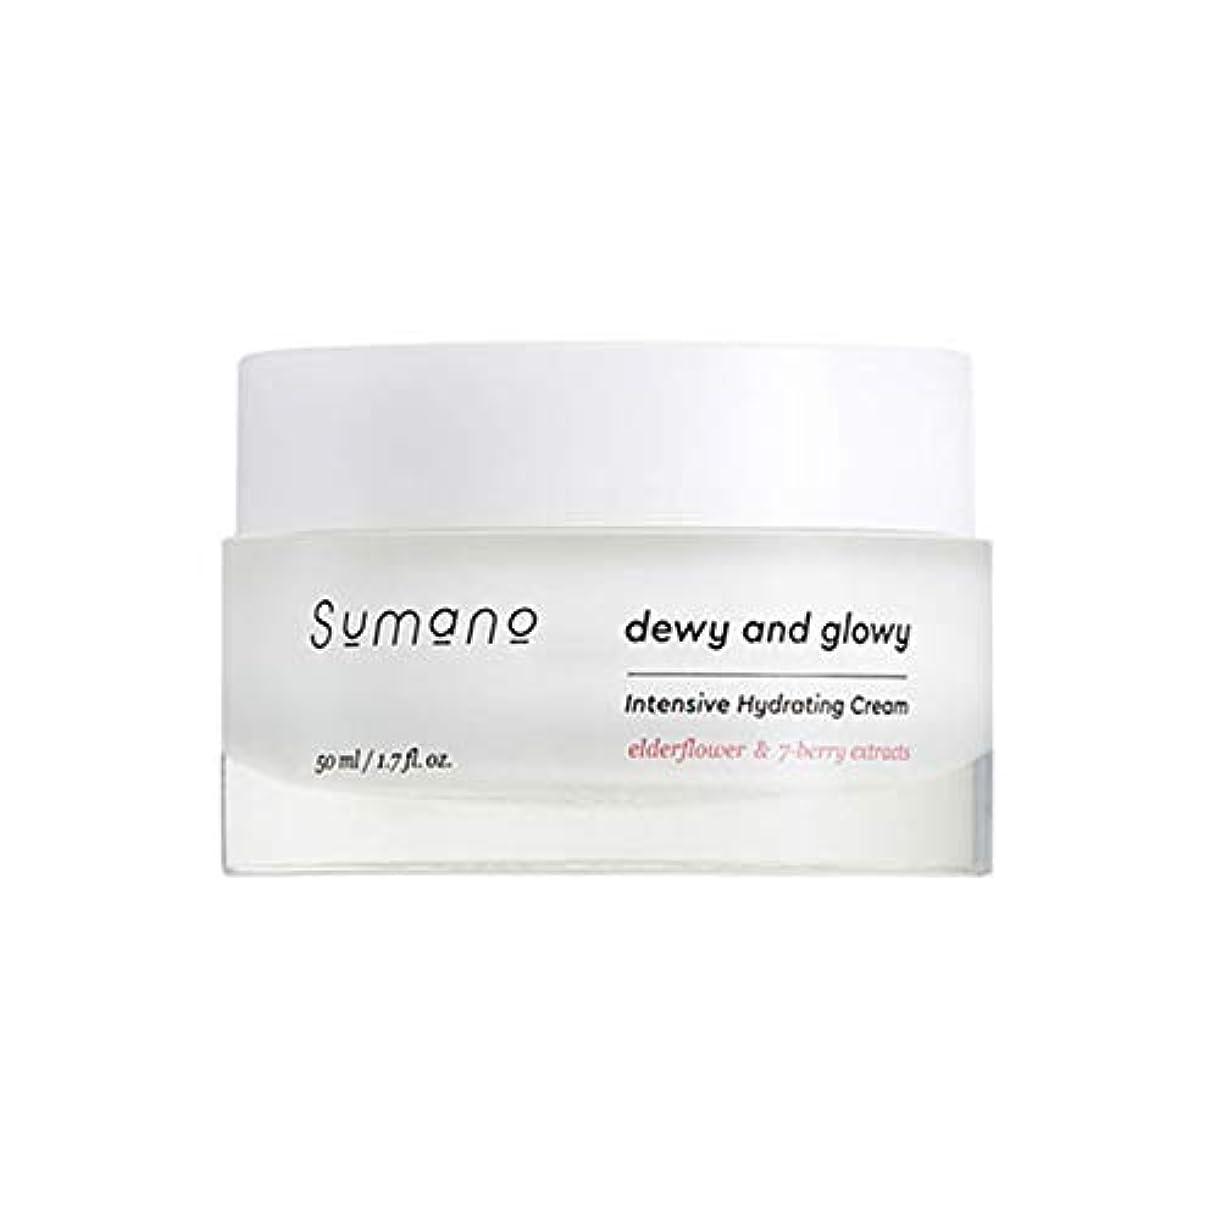 フェードアウト唯物論郡[SUMANO/スマノ] Sumano Intensive Hydrating Cream/インテンシブクリーム Skingarden/スキンガーデン